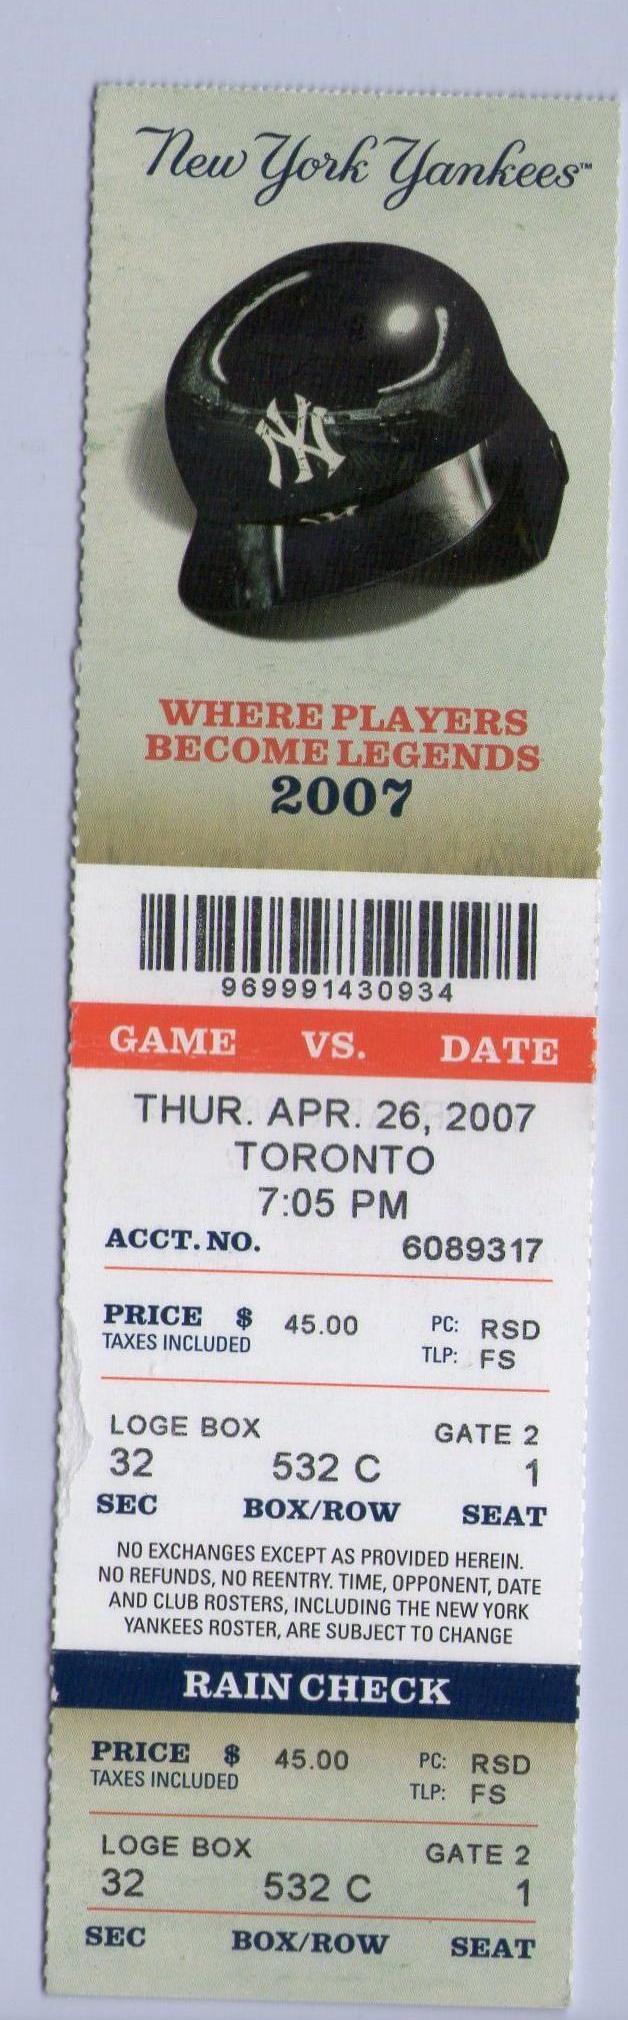 休斯2007年大聯盟初登板季票.jpg